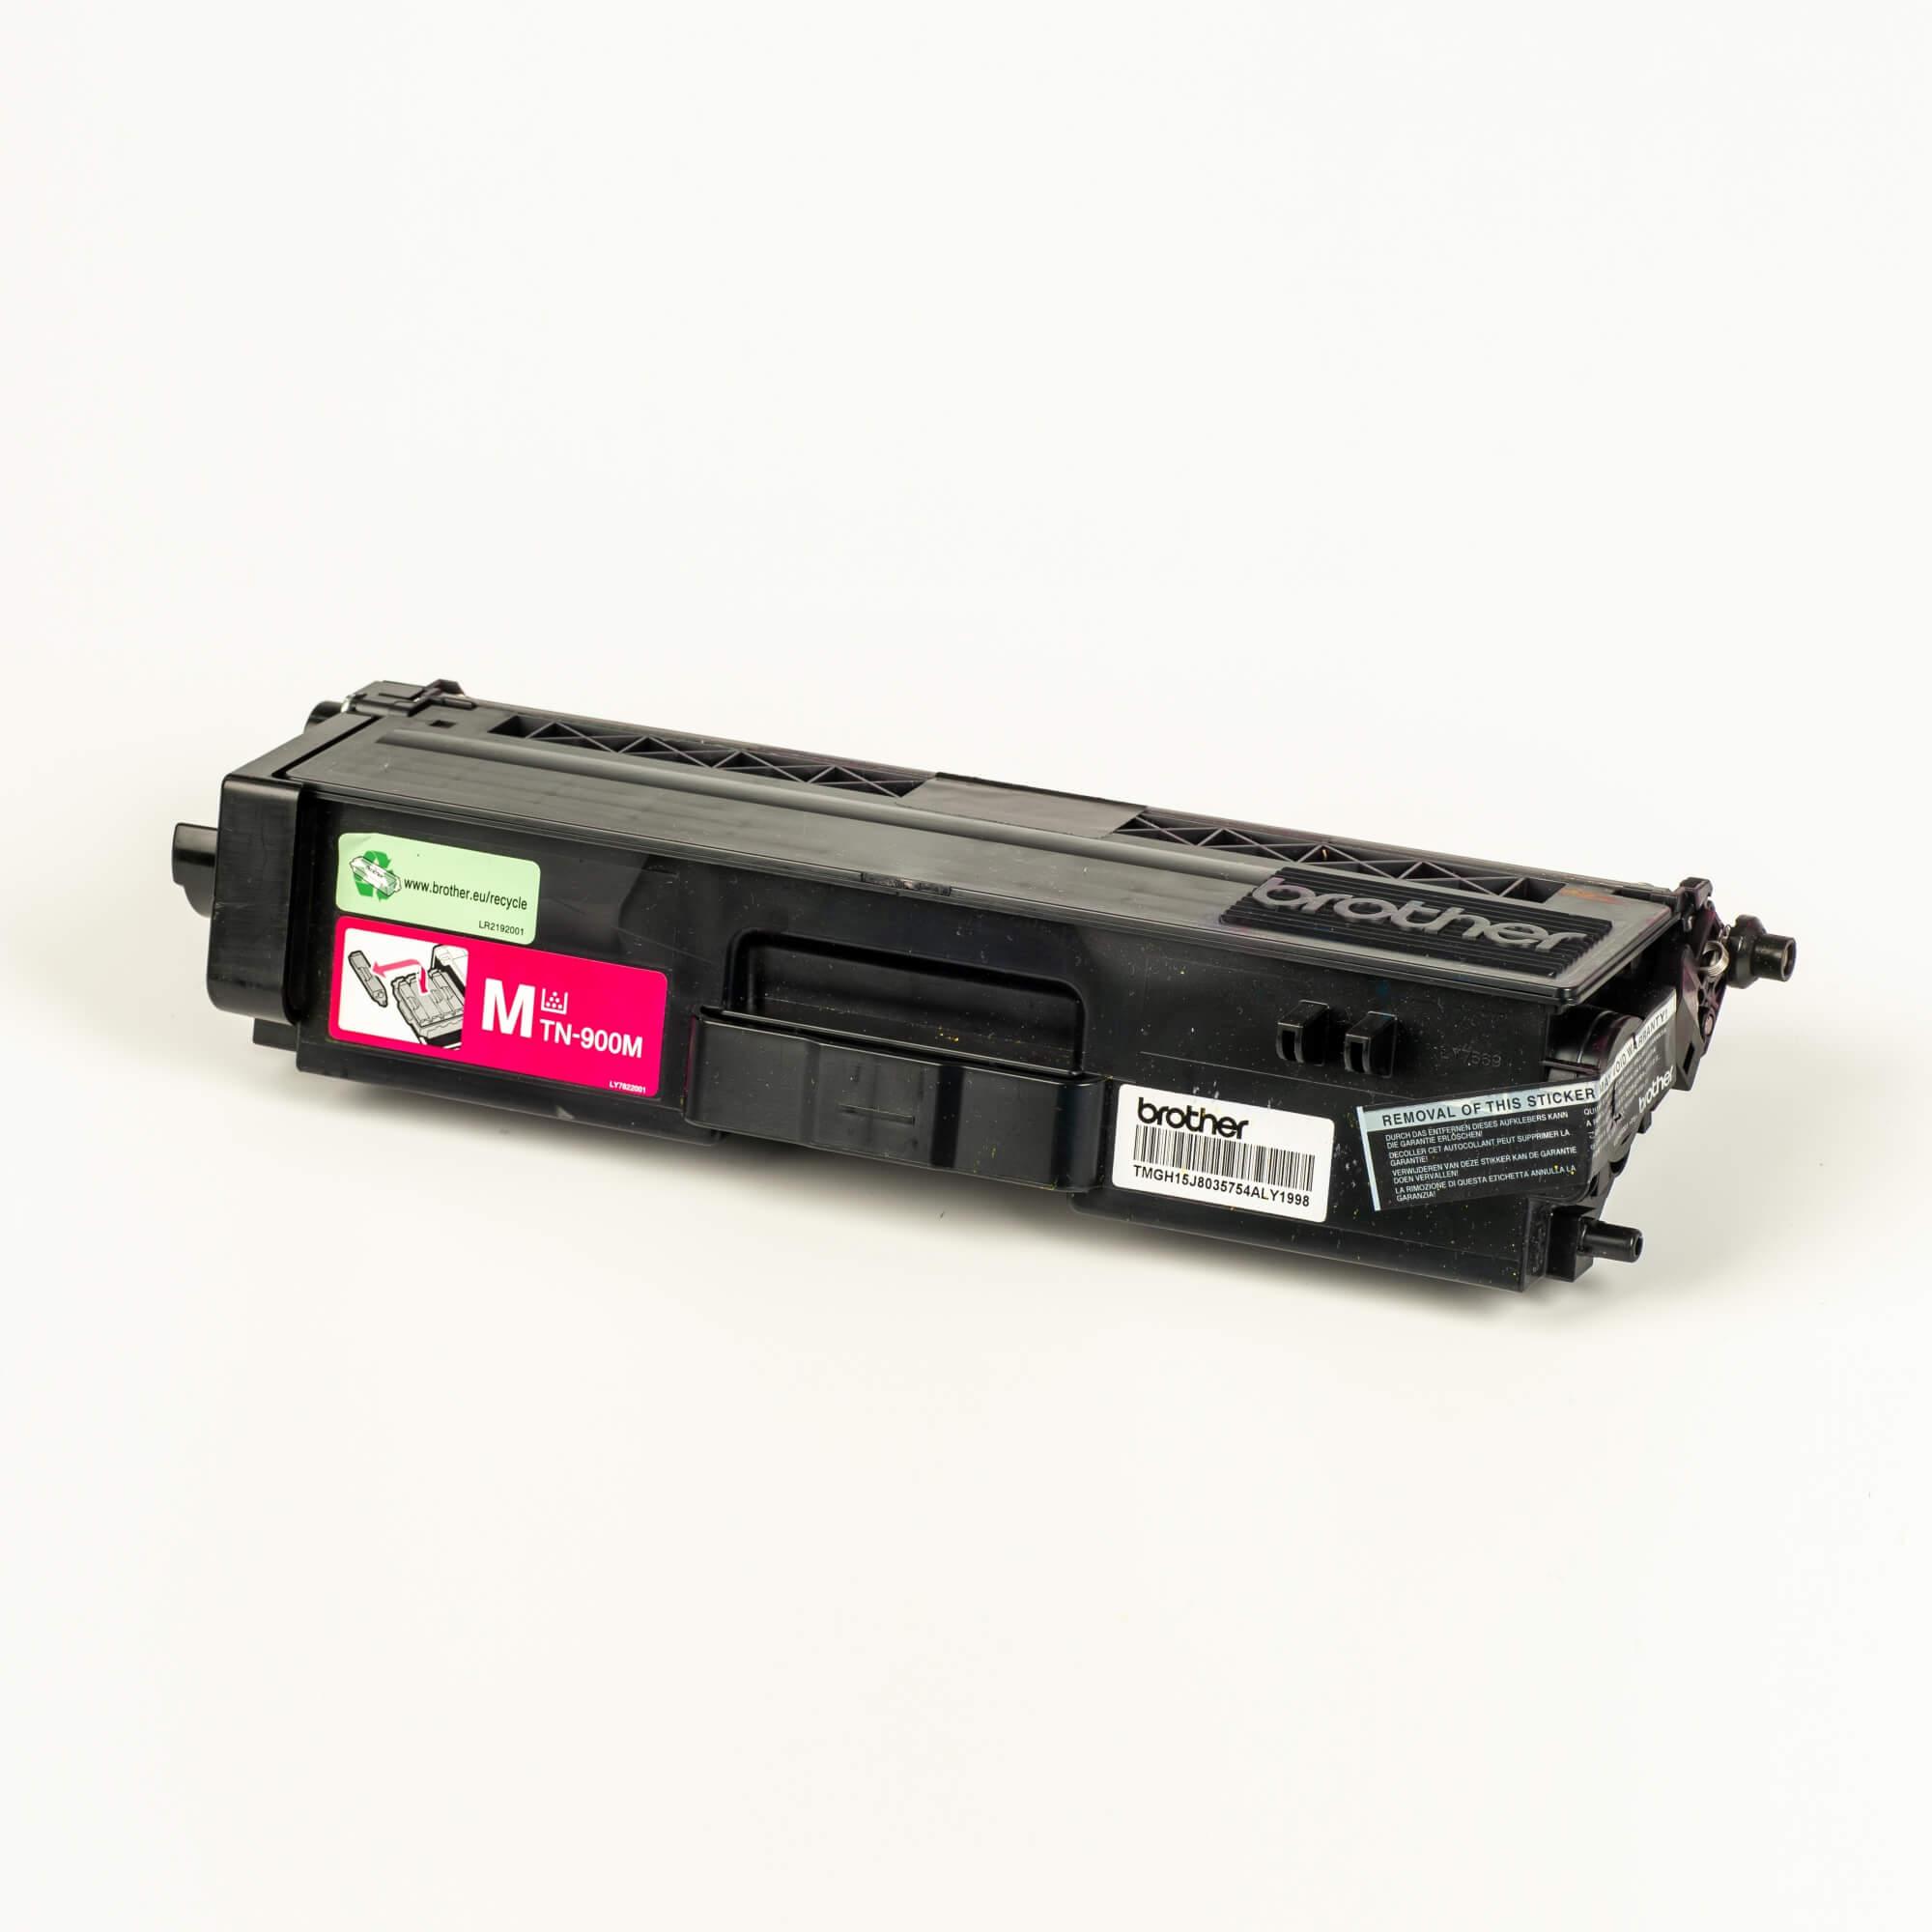 Auf dem Bild sehen Sie eine Brother Original Super-Jumbo-Tonerkassette TN-900M rot